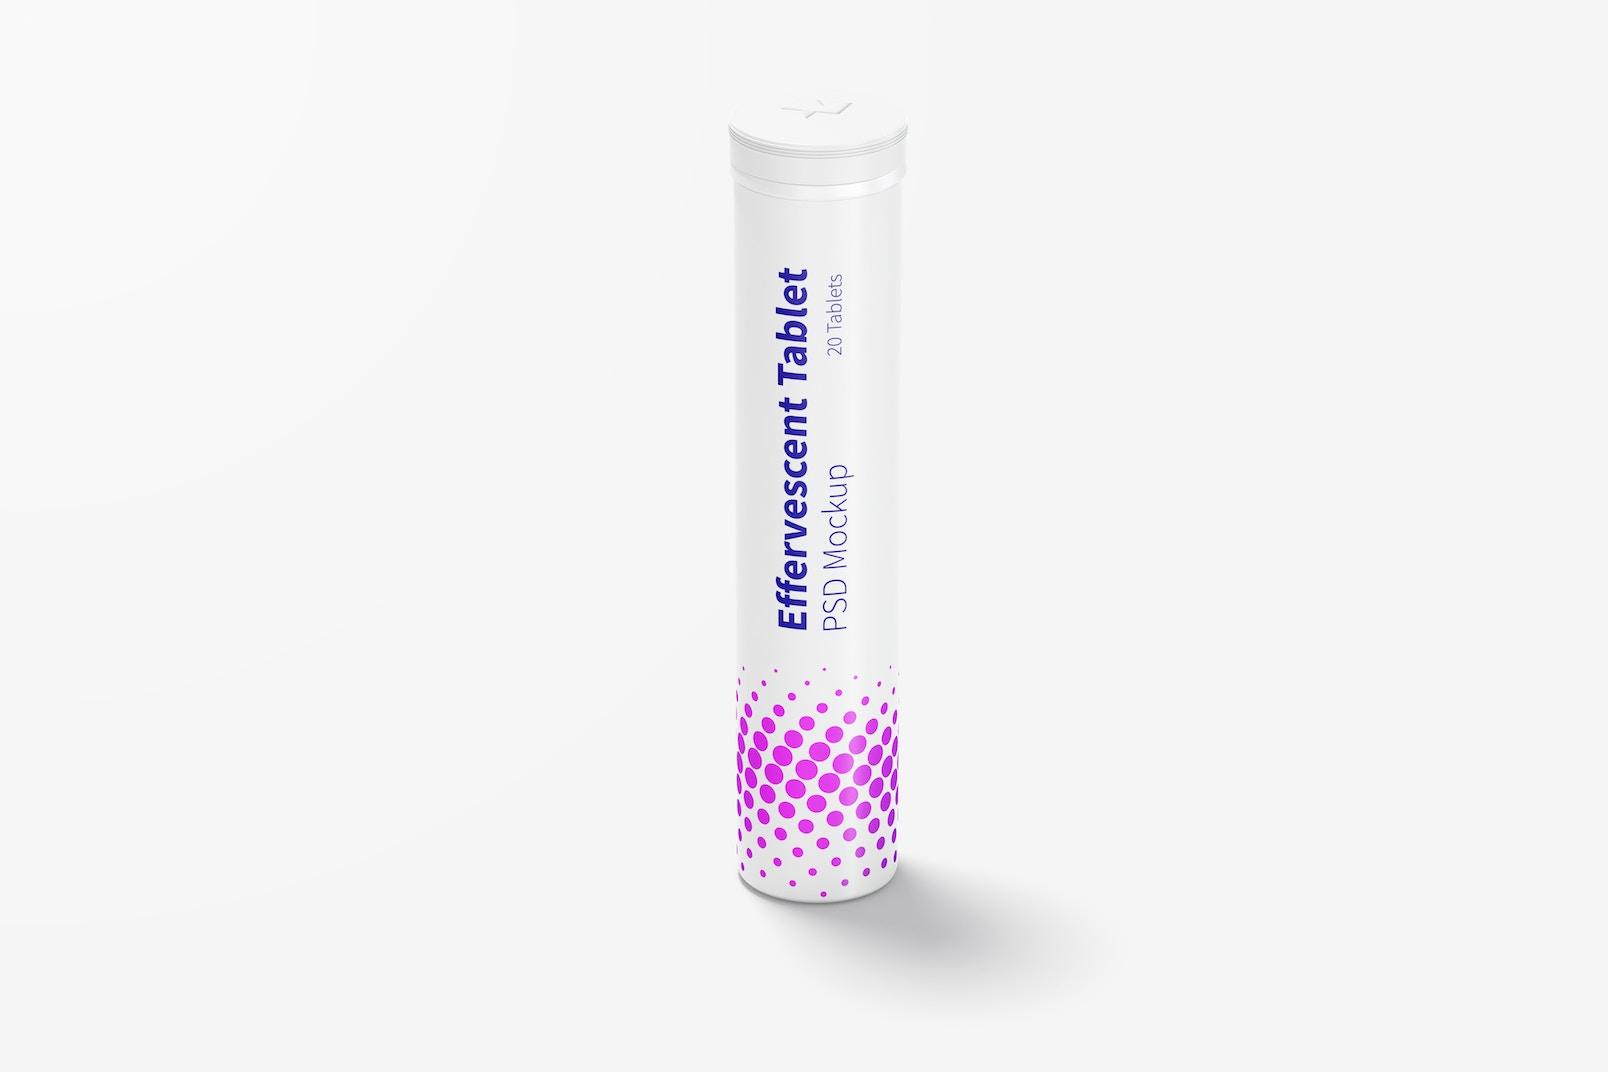 Effervescent Tablet Bottle Mockup